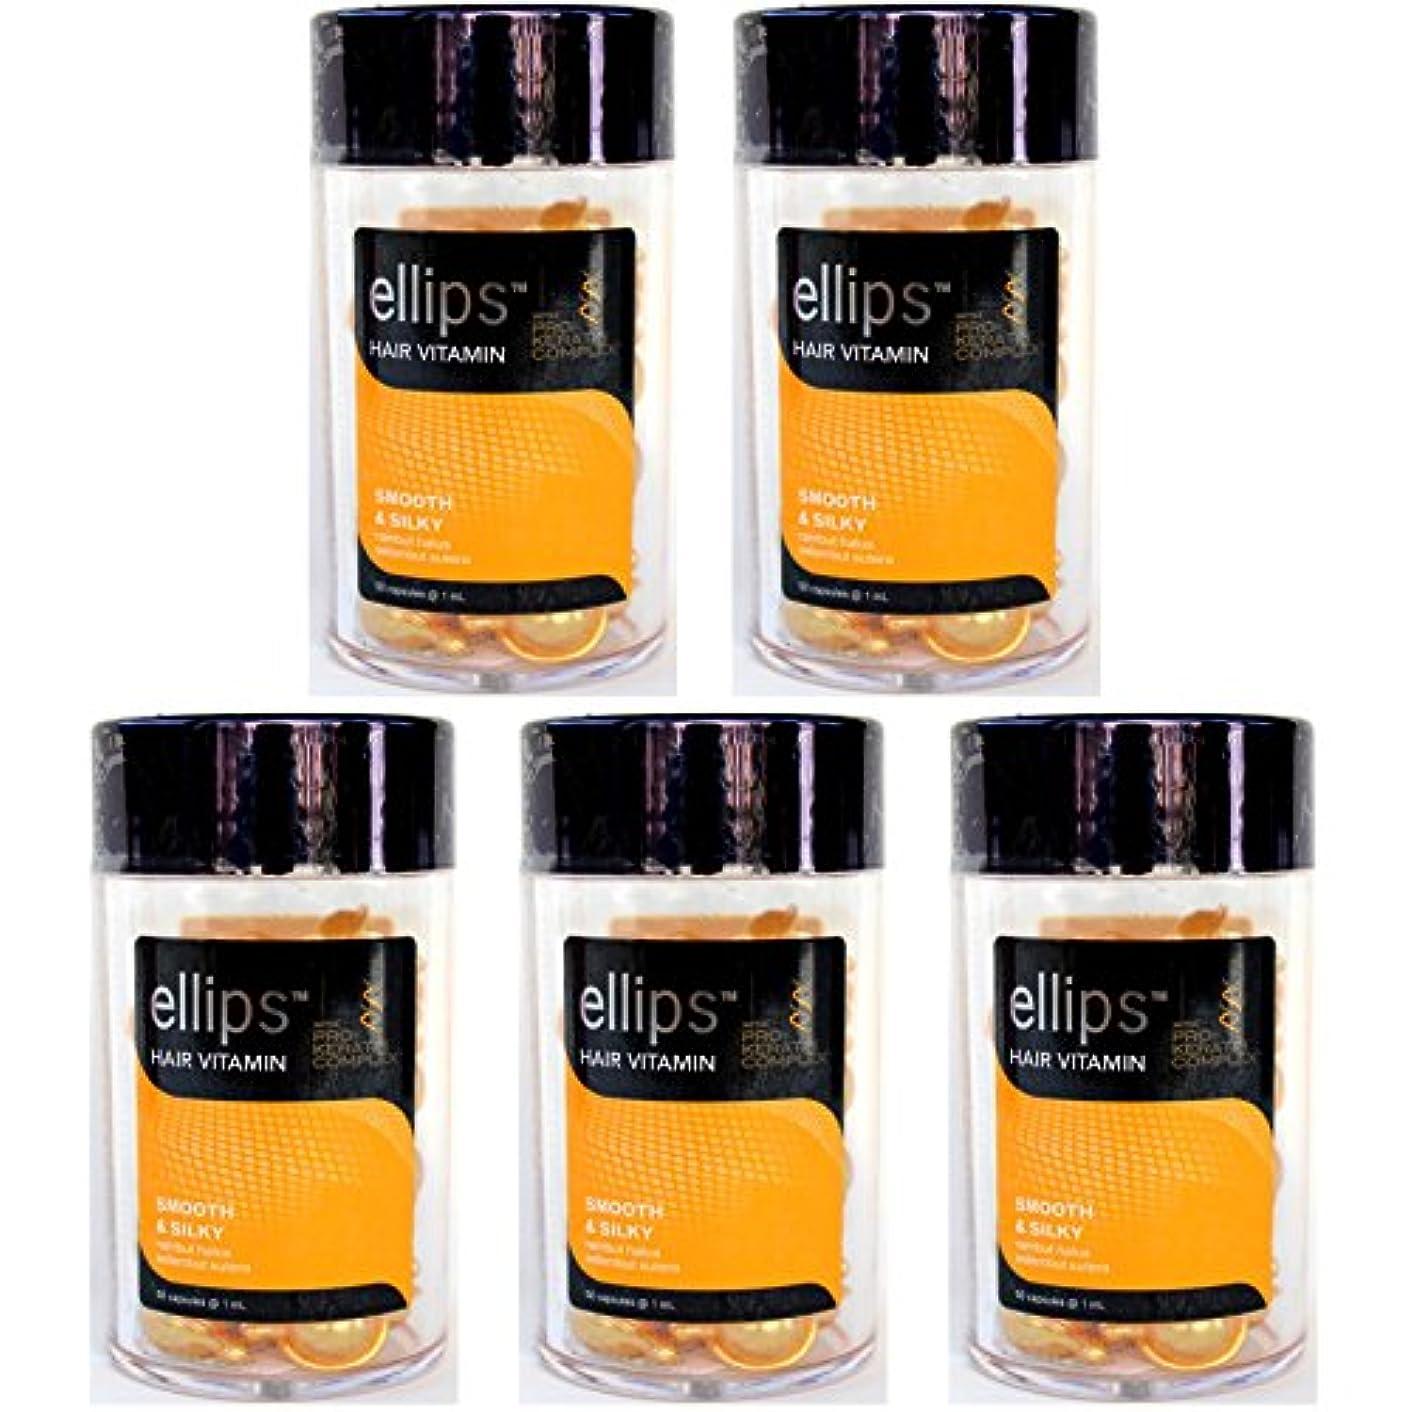 圧縮された無意識苦しみellips エリプス Hair Vitamin ヘア ビタミン Pro-Keratin Complex プロケラチン配合 SMOOTH & SILKY イエロー ボトル(50粒入) × 5本 セット [並行輸入品][海外直送品]